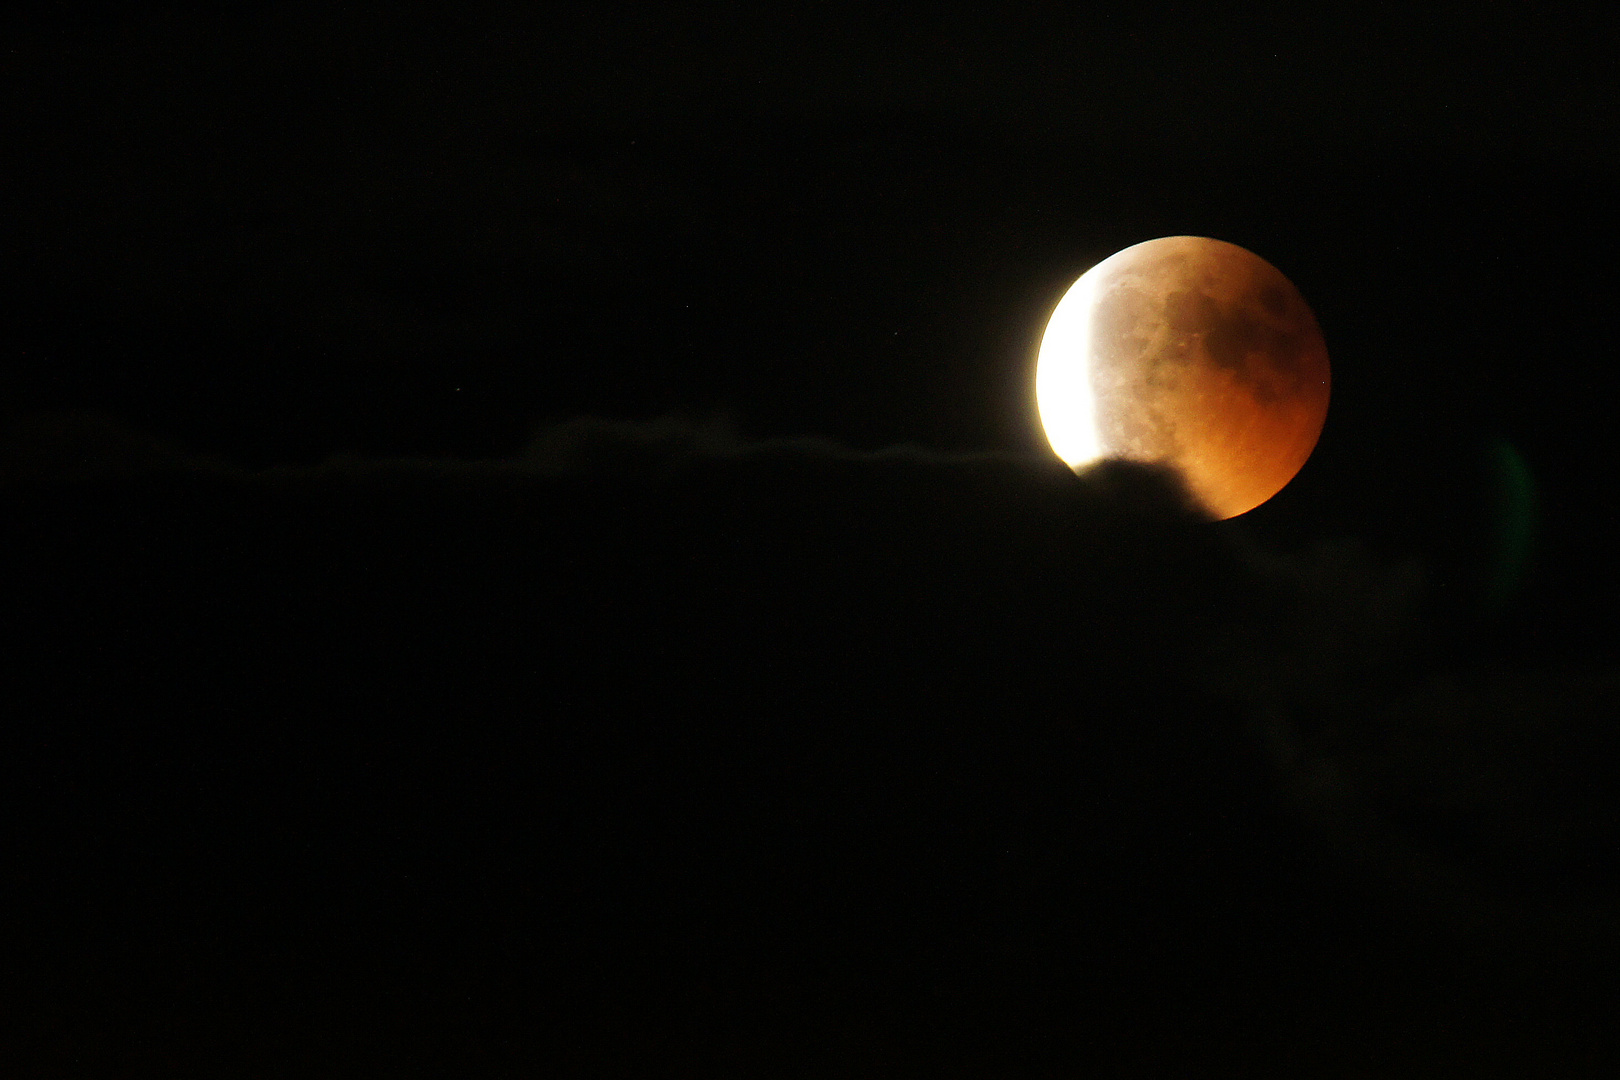 Ende der Mondfinsternis am 15.06.2011